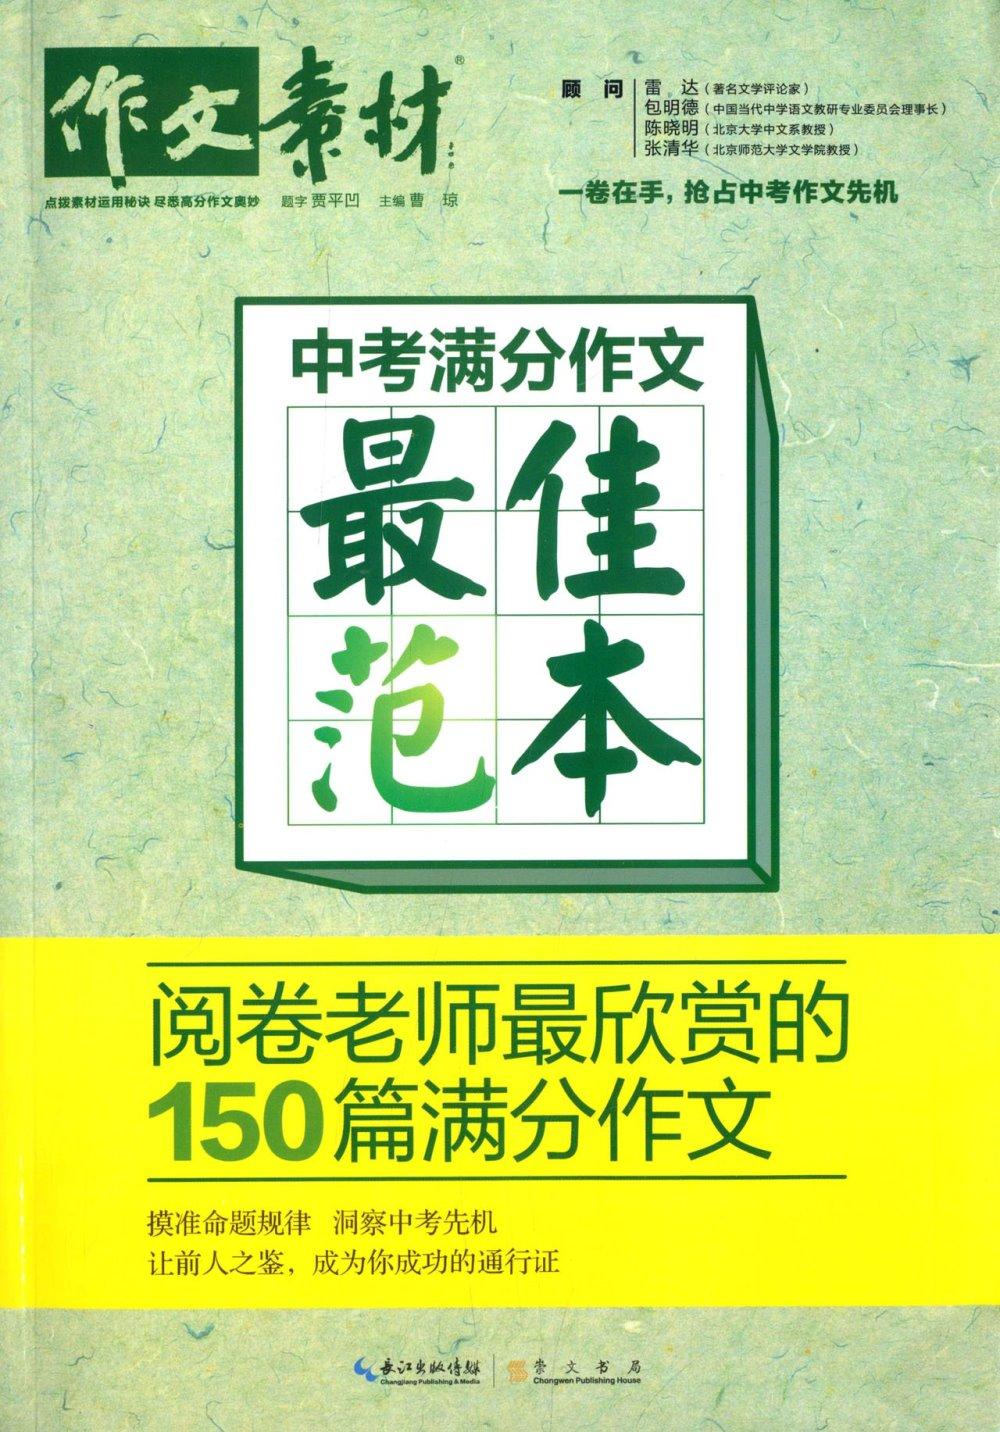 中考滿分作文 范本:閱卷老師最欣賞的150篇滿分作文